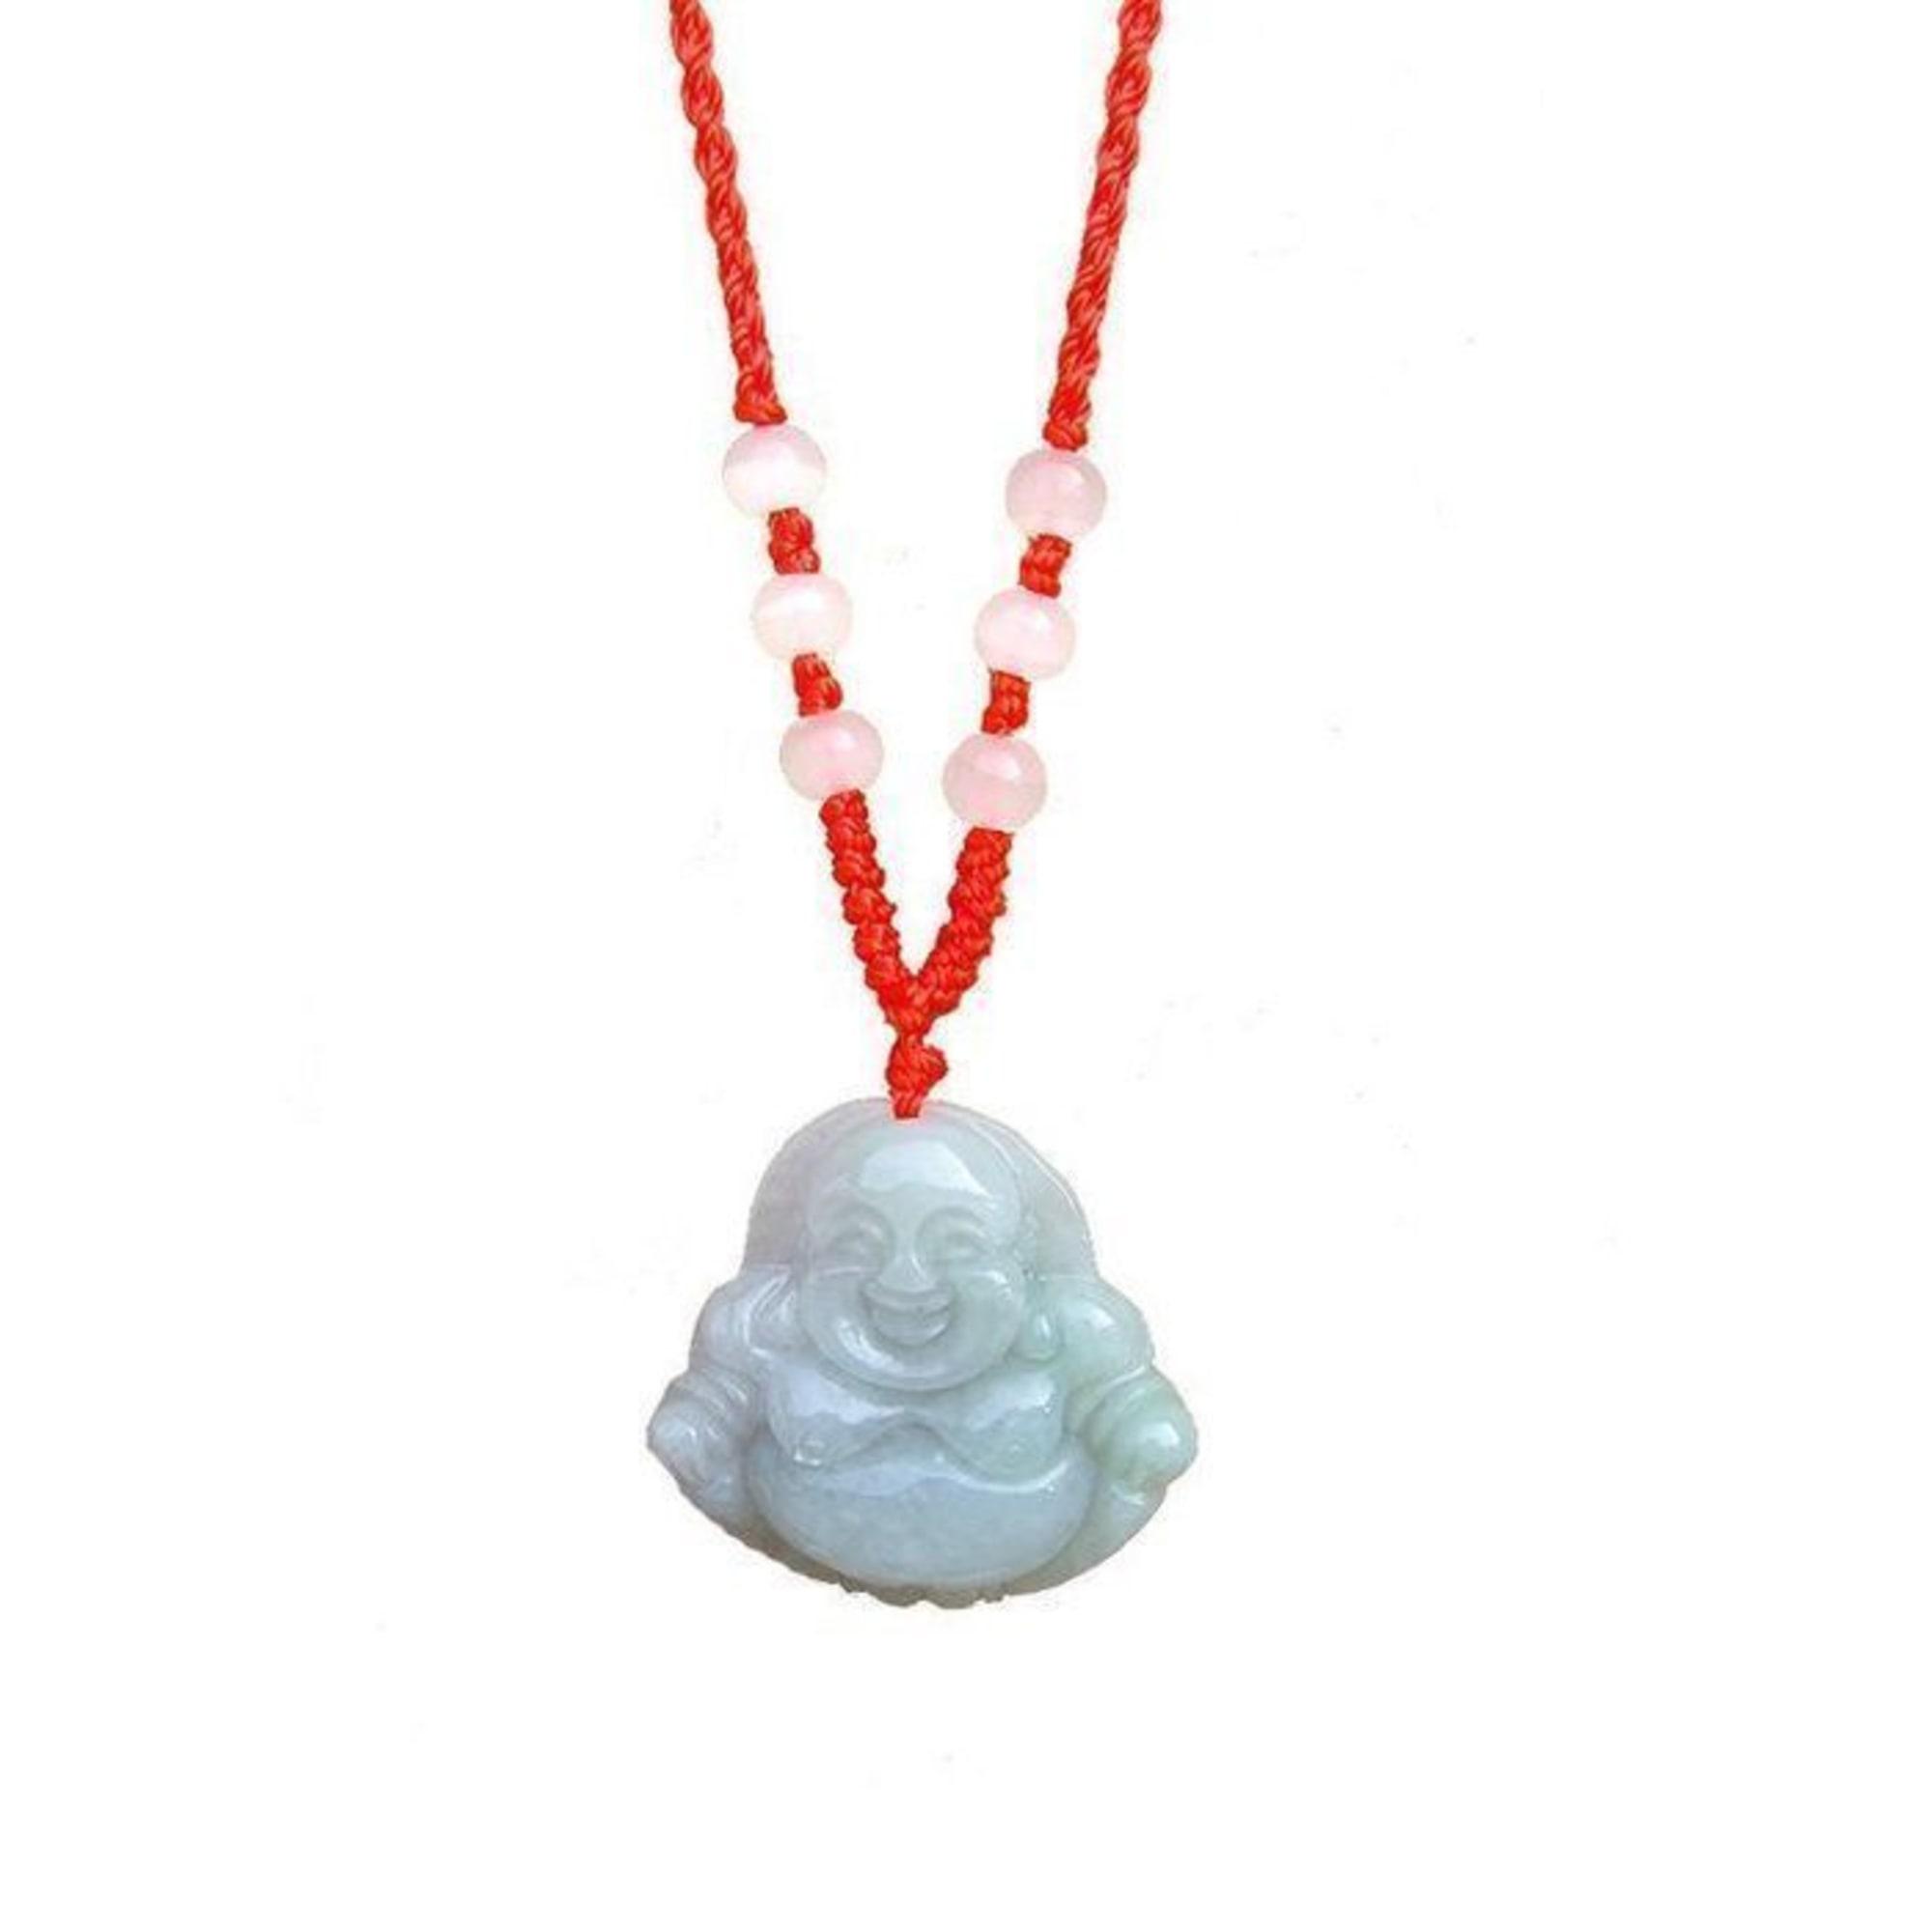 vente chaude en ligne aa090 e9e43 Pendentif, collier pendentif